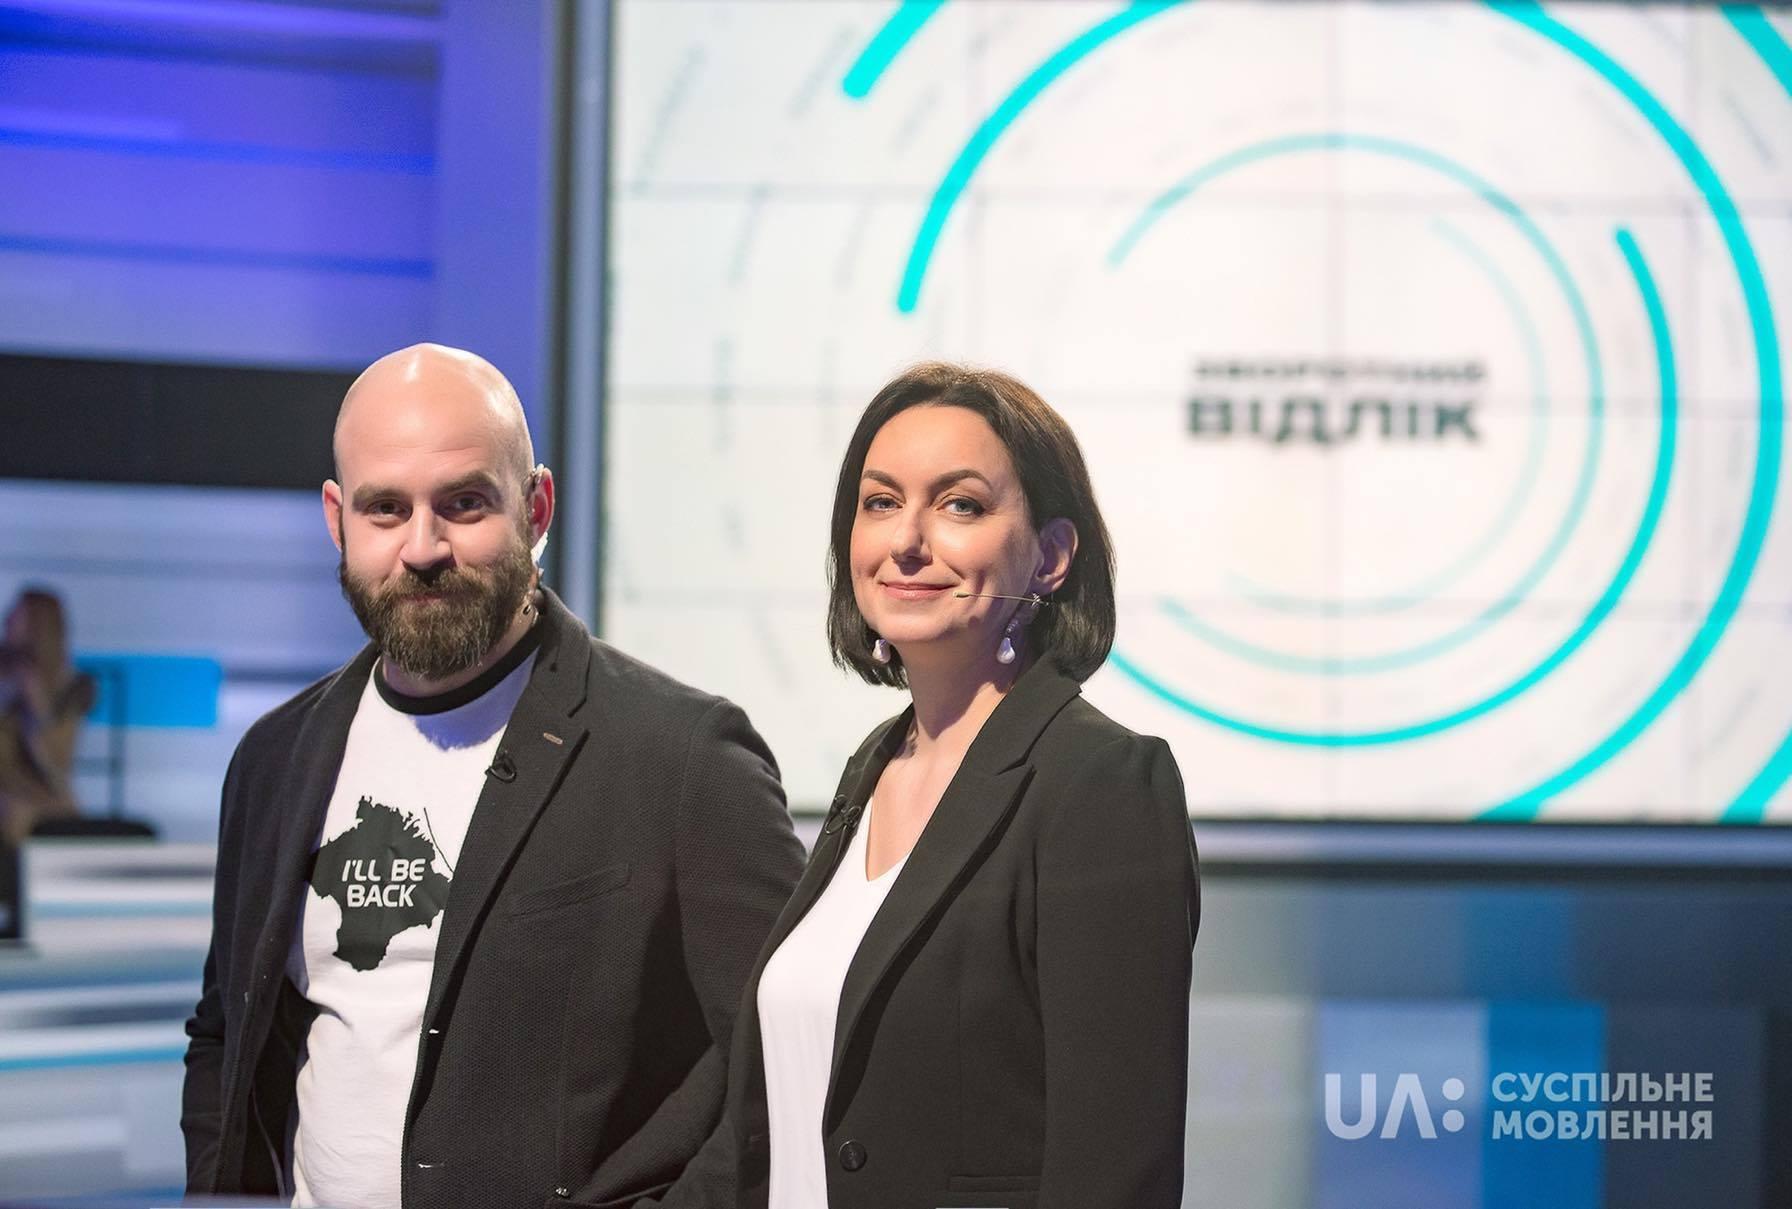 За две недели до выборов «UA:Перший» запустил политическое шоу и, кажется, не прогадал